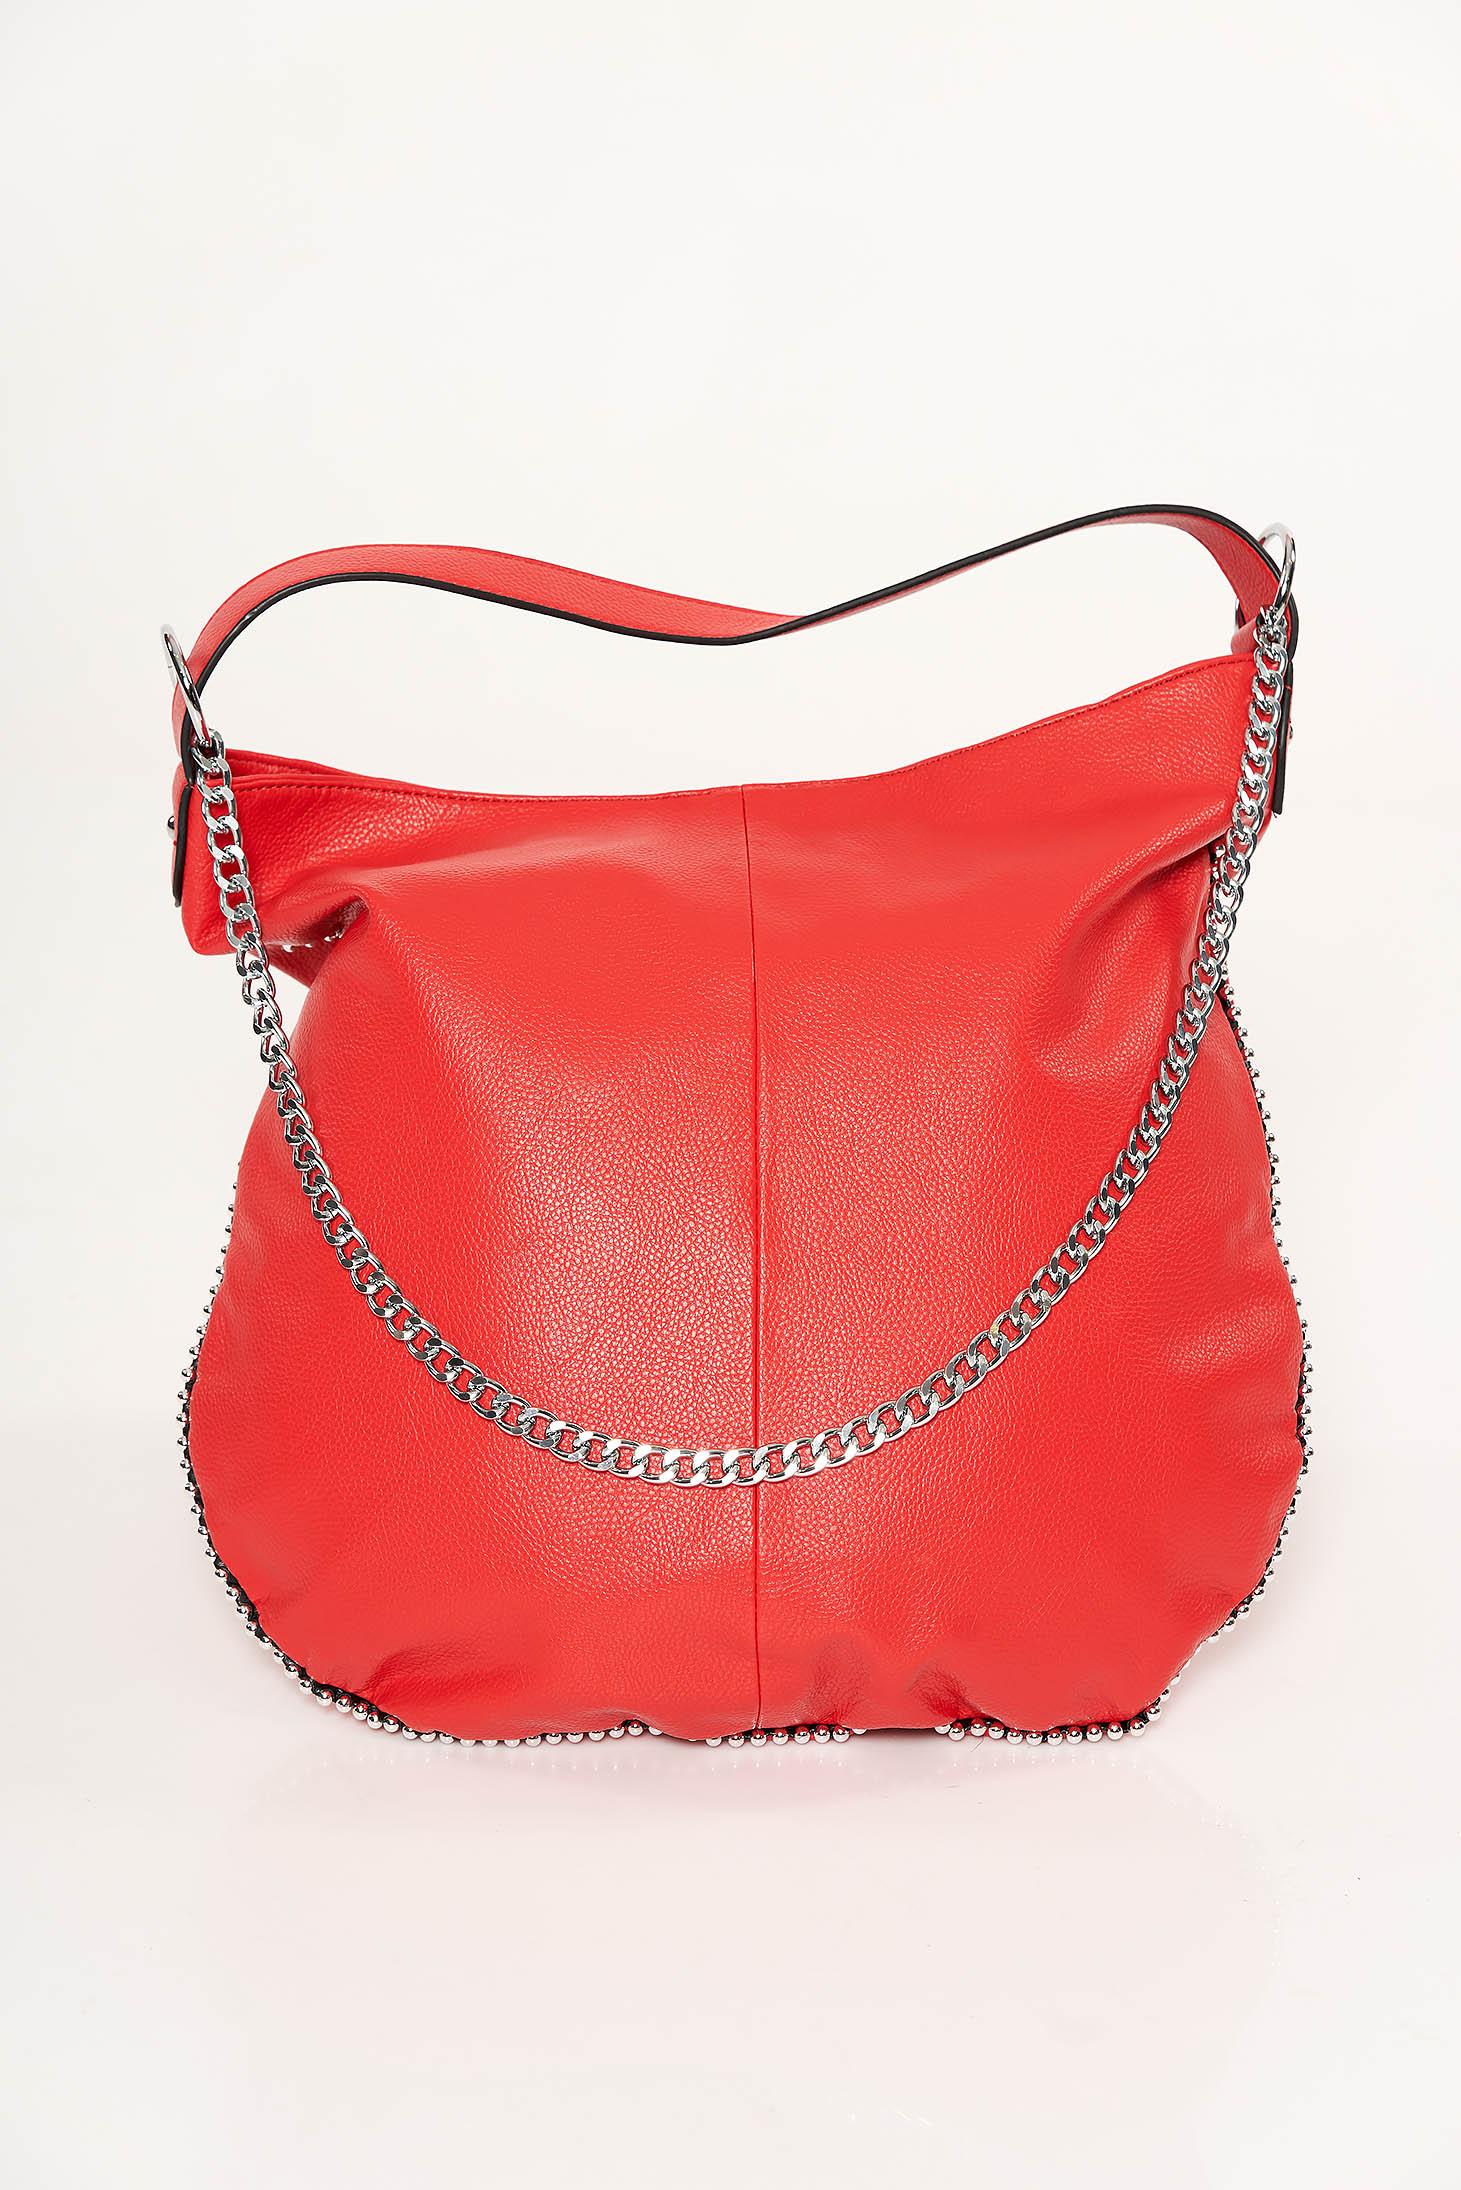 Piros casual táska műbőr fém lánccal van ellátva